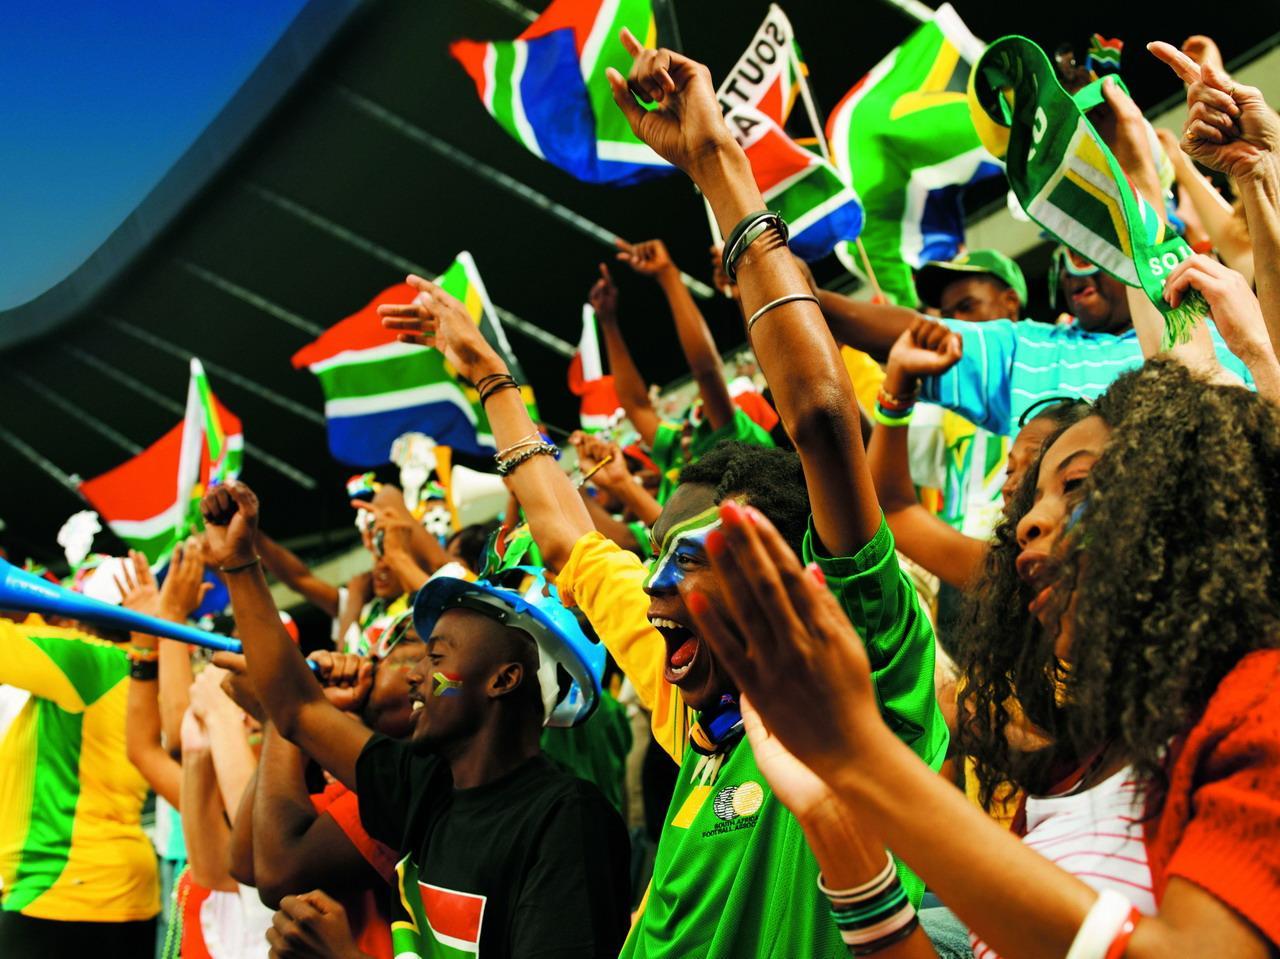 南非世界杯歌曲_歌曲壁纸下载-CCTV.com南非世界杯